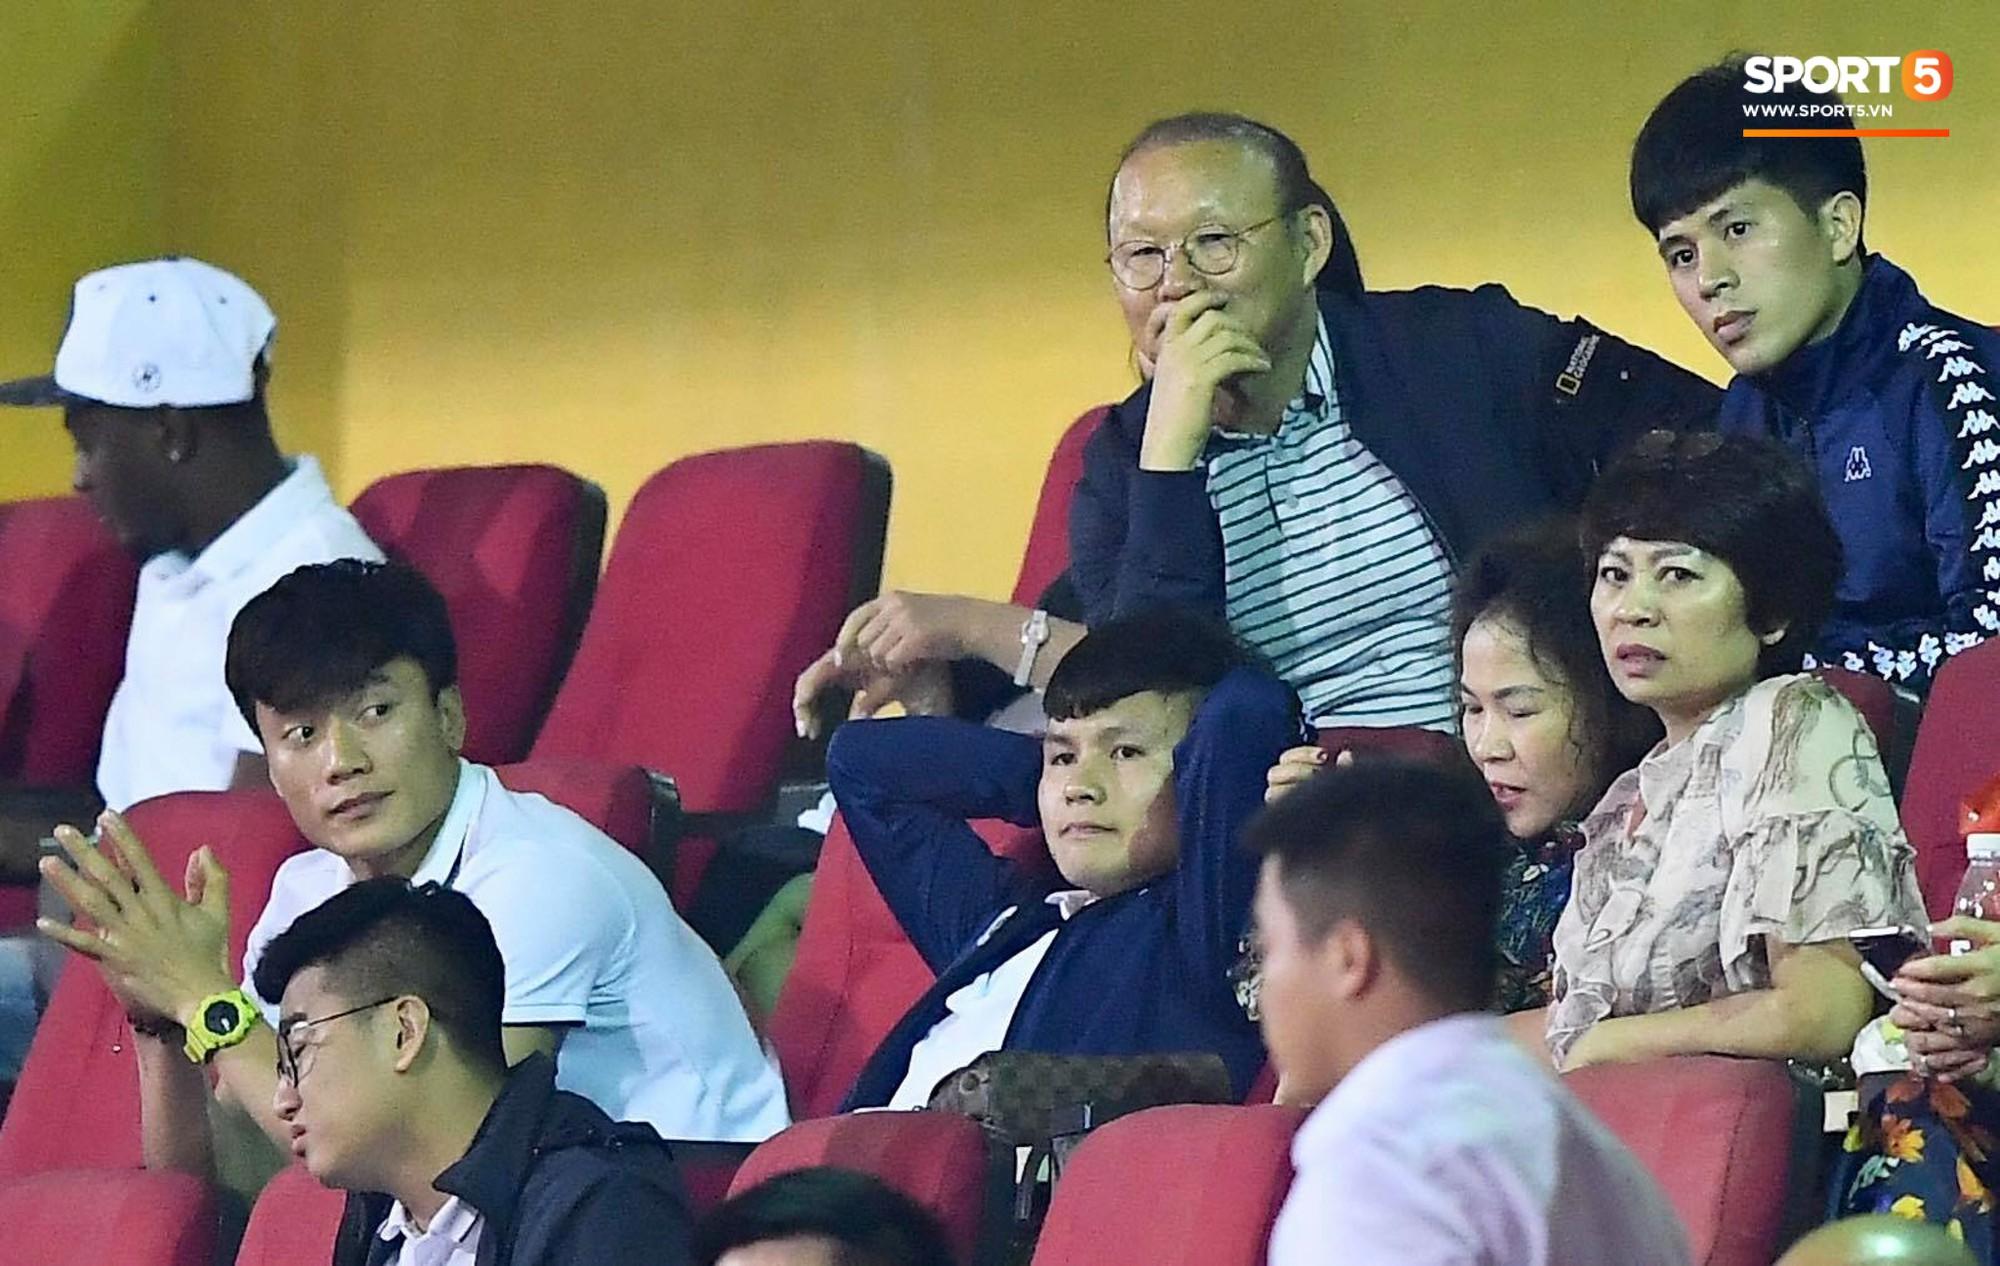 HLV Park Hang Seo, thủ môn Tiến Dũng phản ứng đầy cảm xúc khi Hà Nội FC thua ở AFC Cup 2019-5